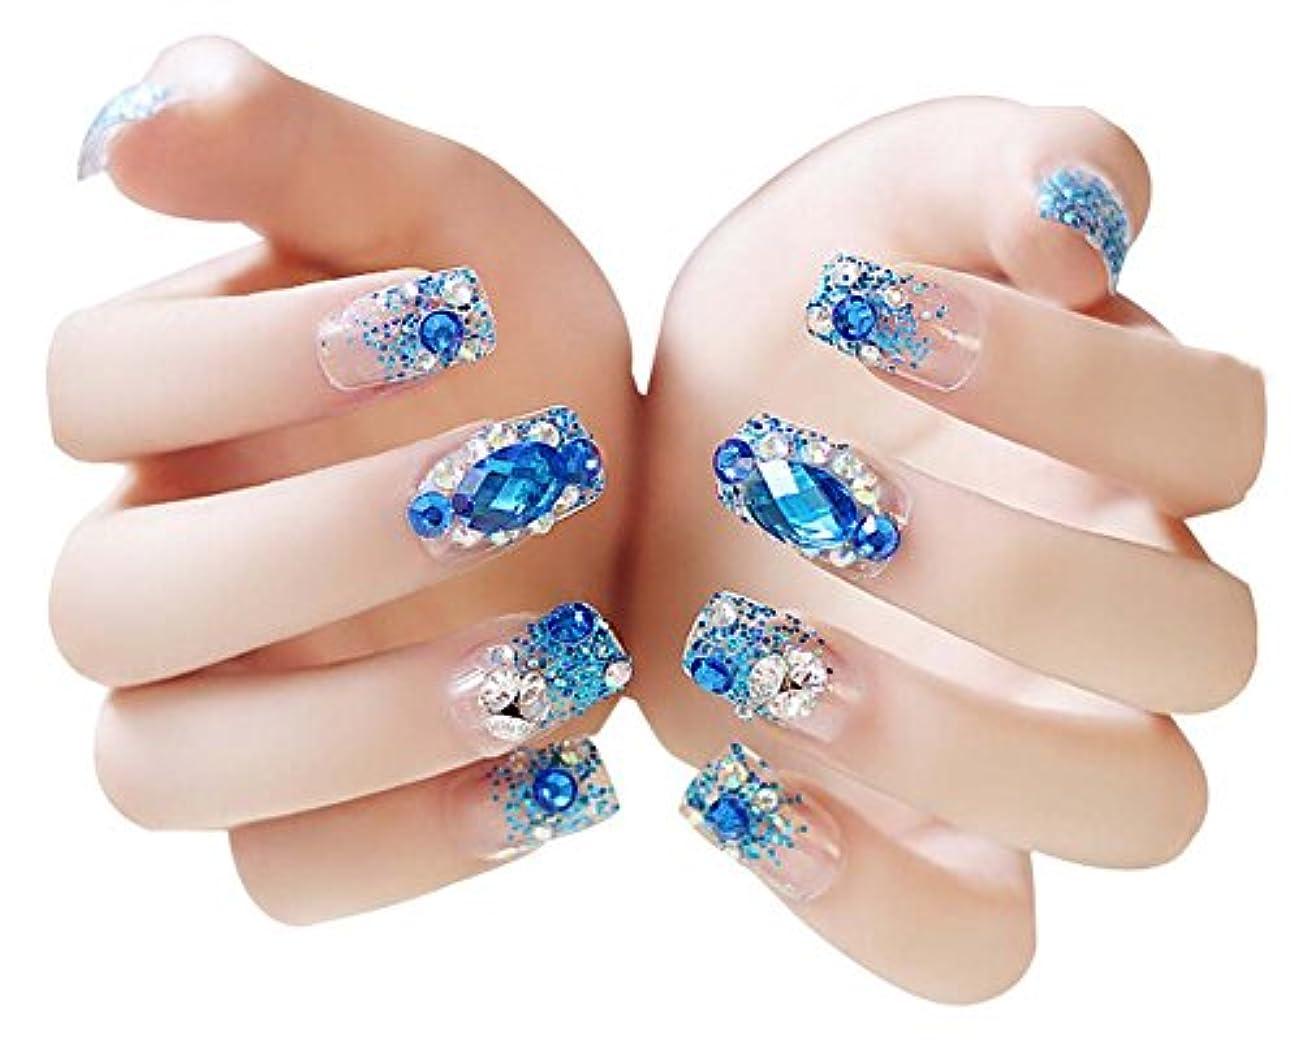 口述する埋めるメンダシティ美しいブルーのラインストーンの結婚式の偽の爪クリスタル偽のネイルアートセット、2パック - 48枚